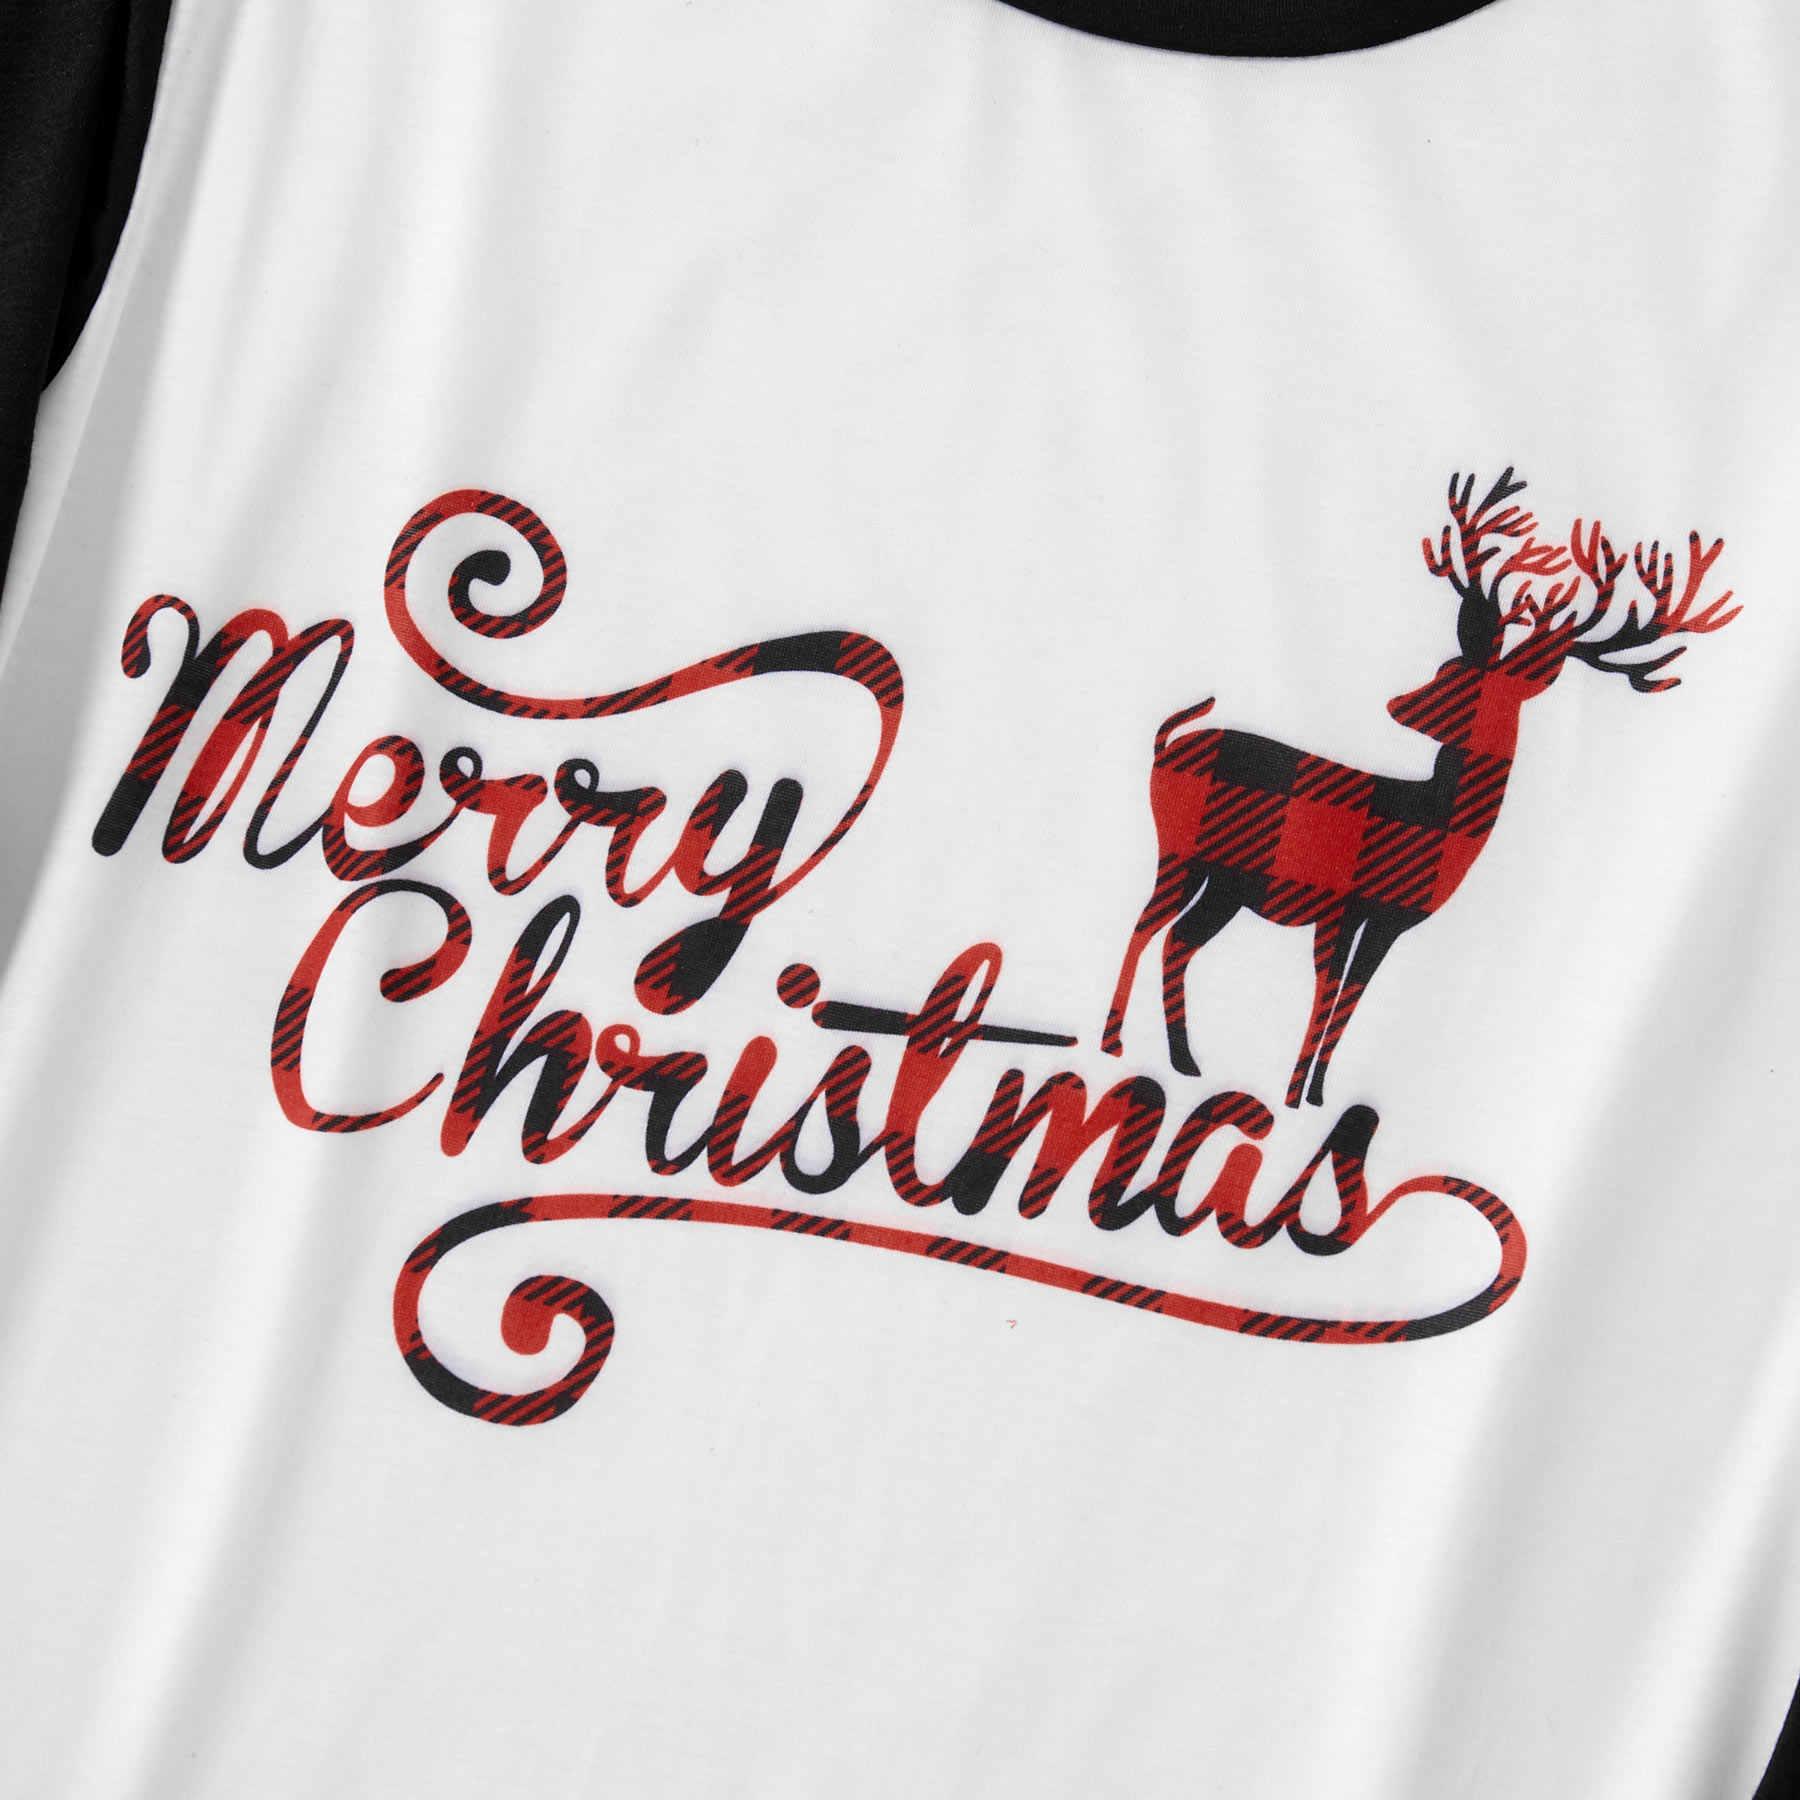 ครอบครัวดู Elk ลายสก๊อตคริสต์มาสชุดนอน Mommy พ่อและ Me ชุดนอนเสื้อผ้า Xmas ชุดนอนชุดนอนชุดและหมวก